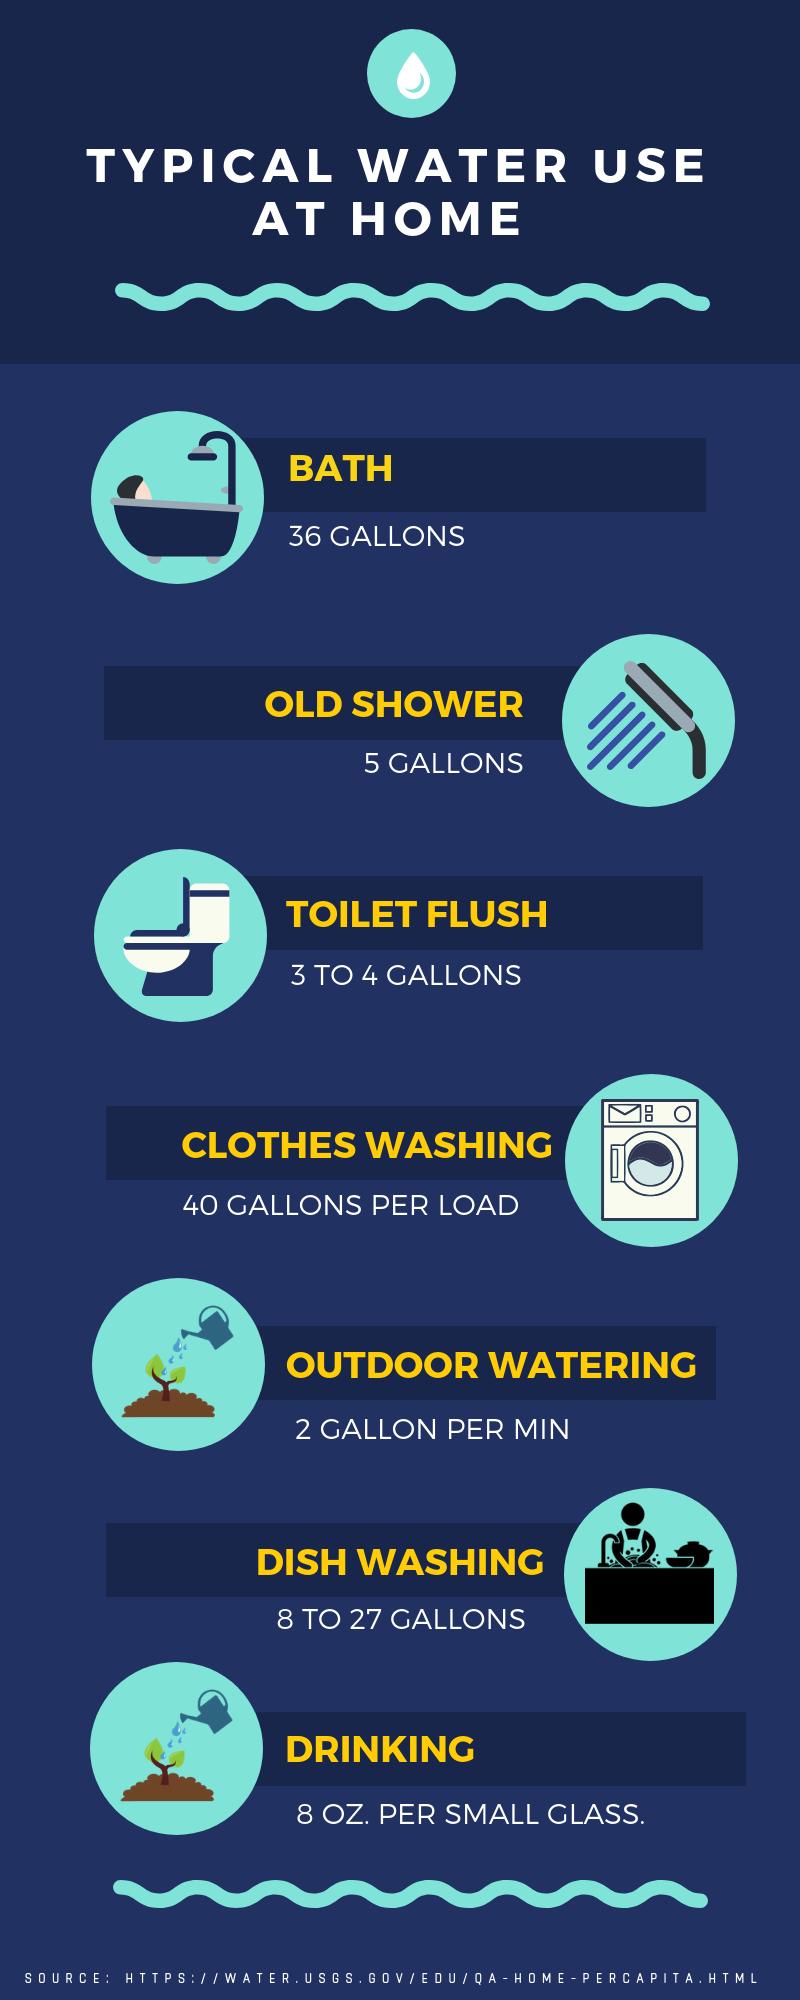 Water Efficiency, Green Buildings